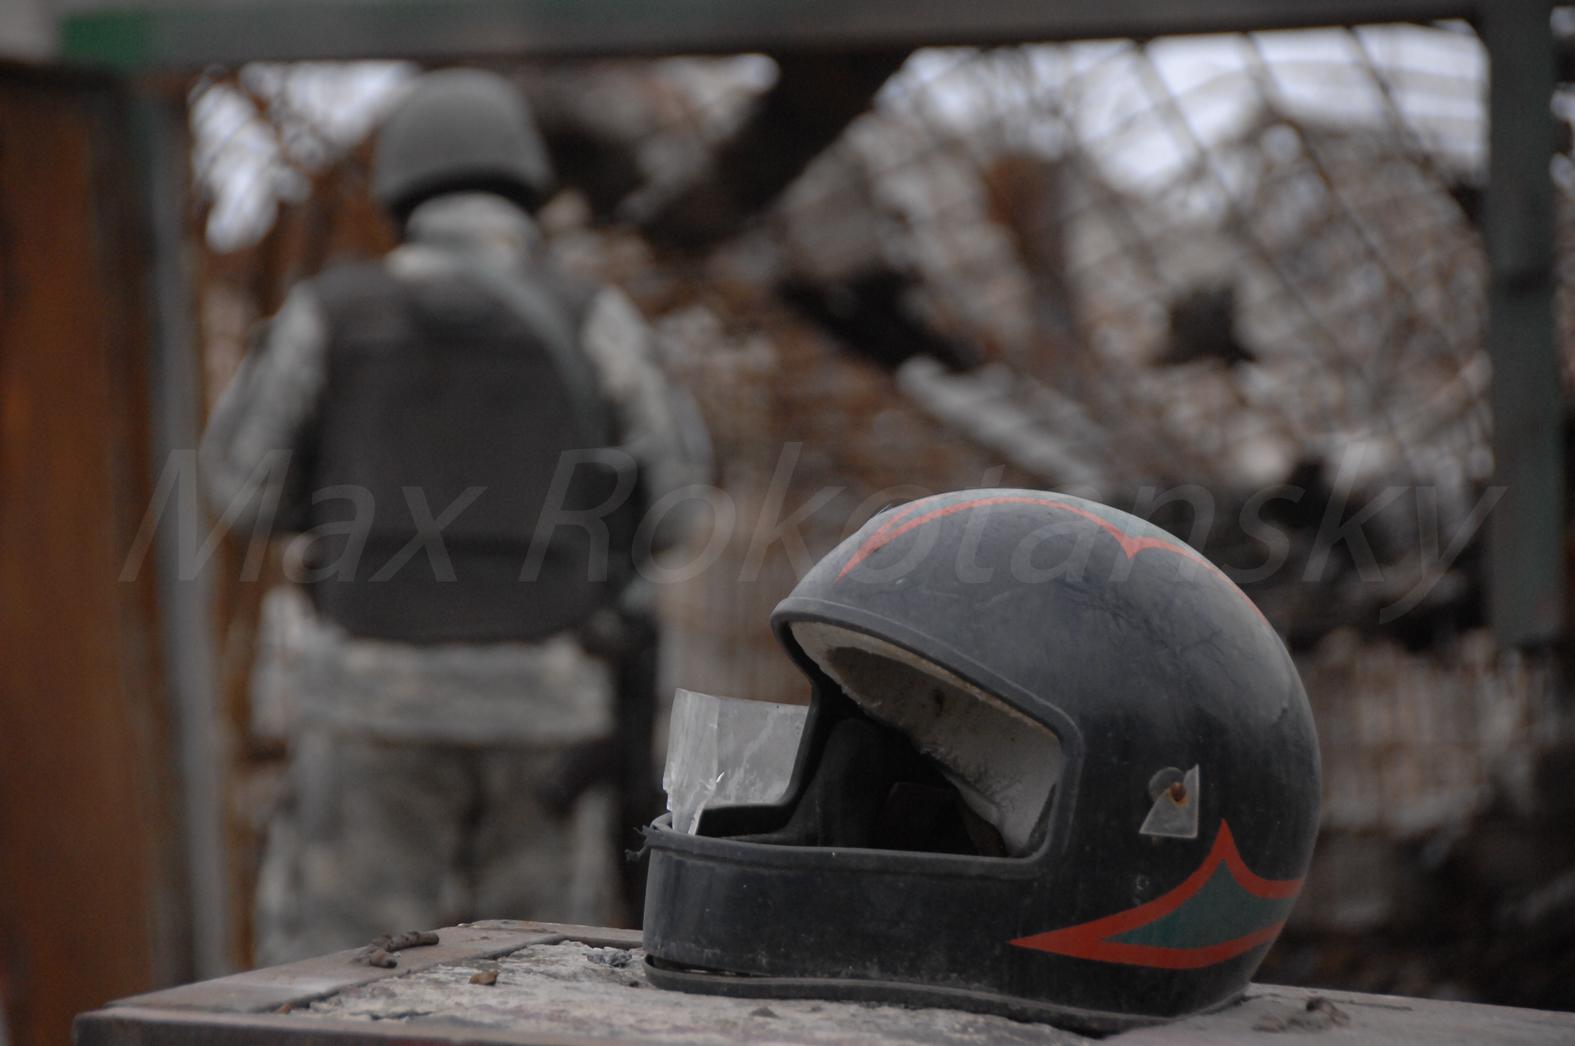 145704_original Что осталось от Песок Донецкого района (фоторепортаж)